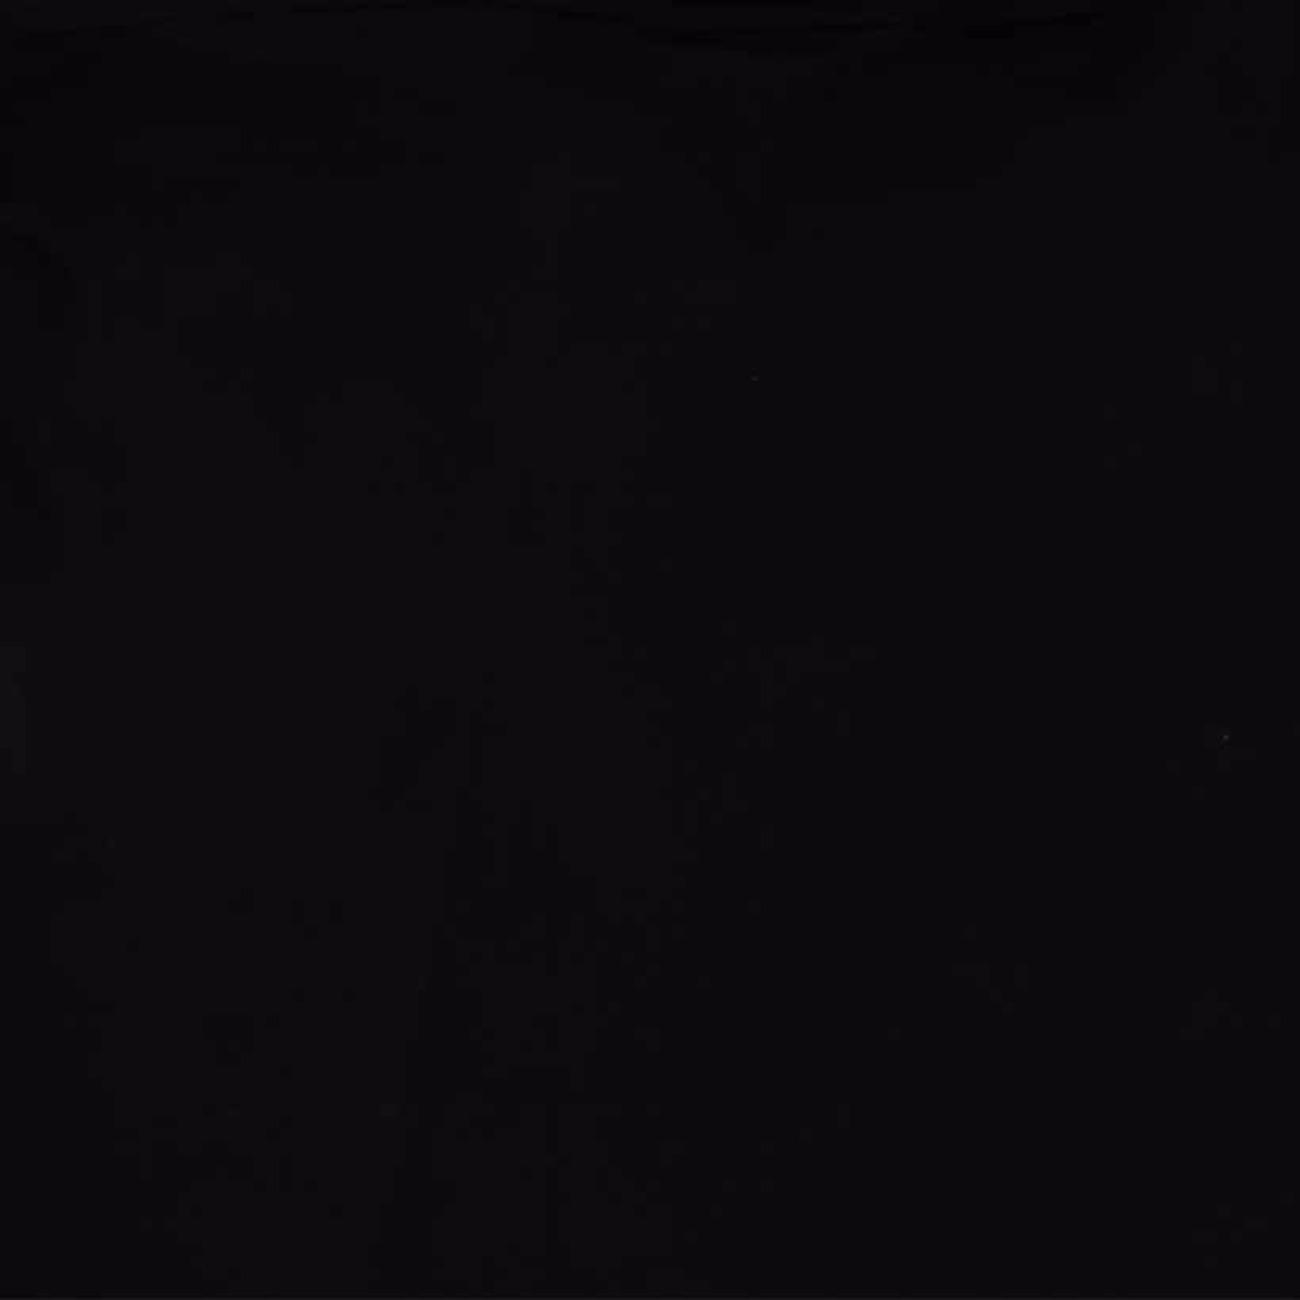 现货素色梭织色织低弹休闲时尚风格 衬衫 连衣裙 短裙 60929-40